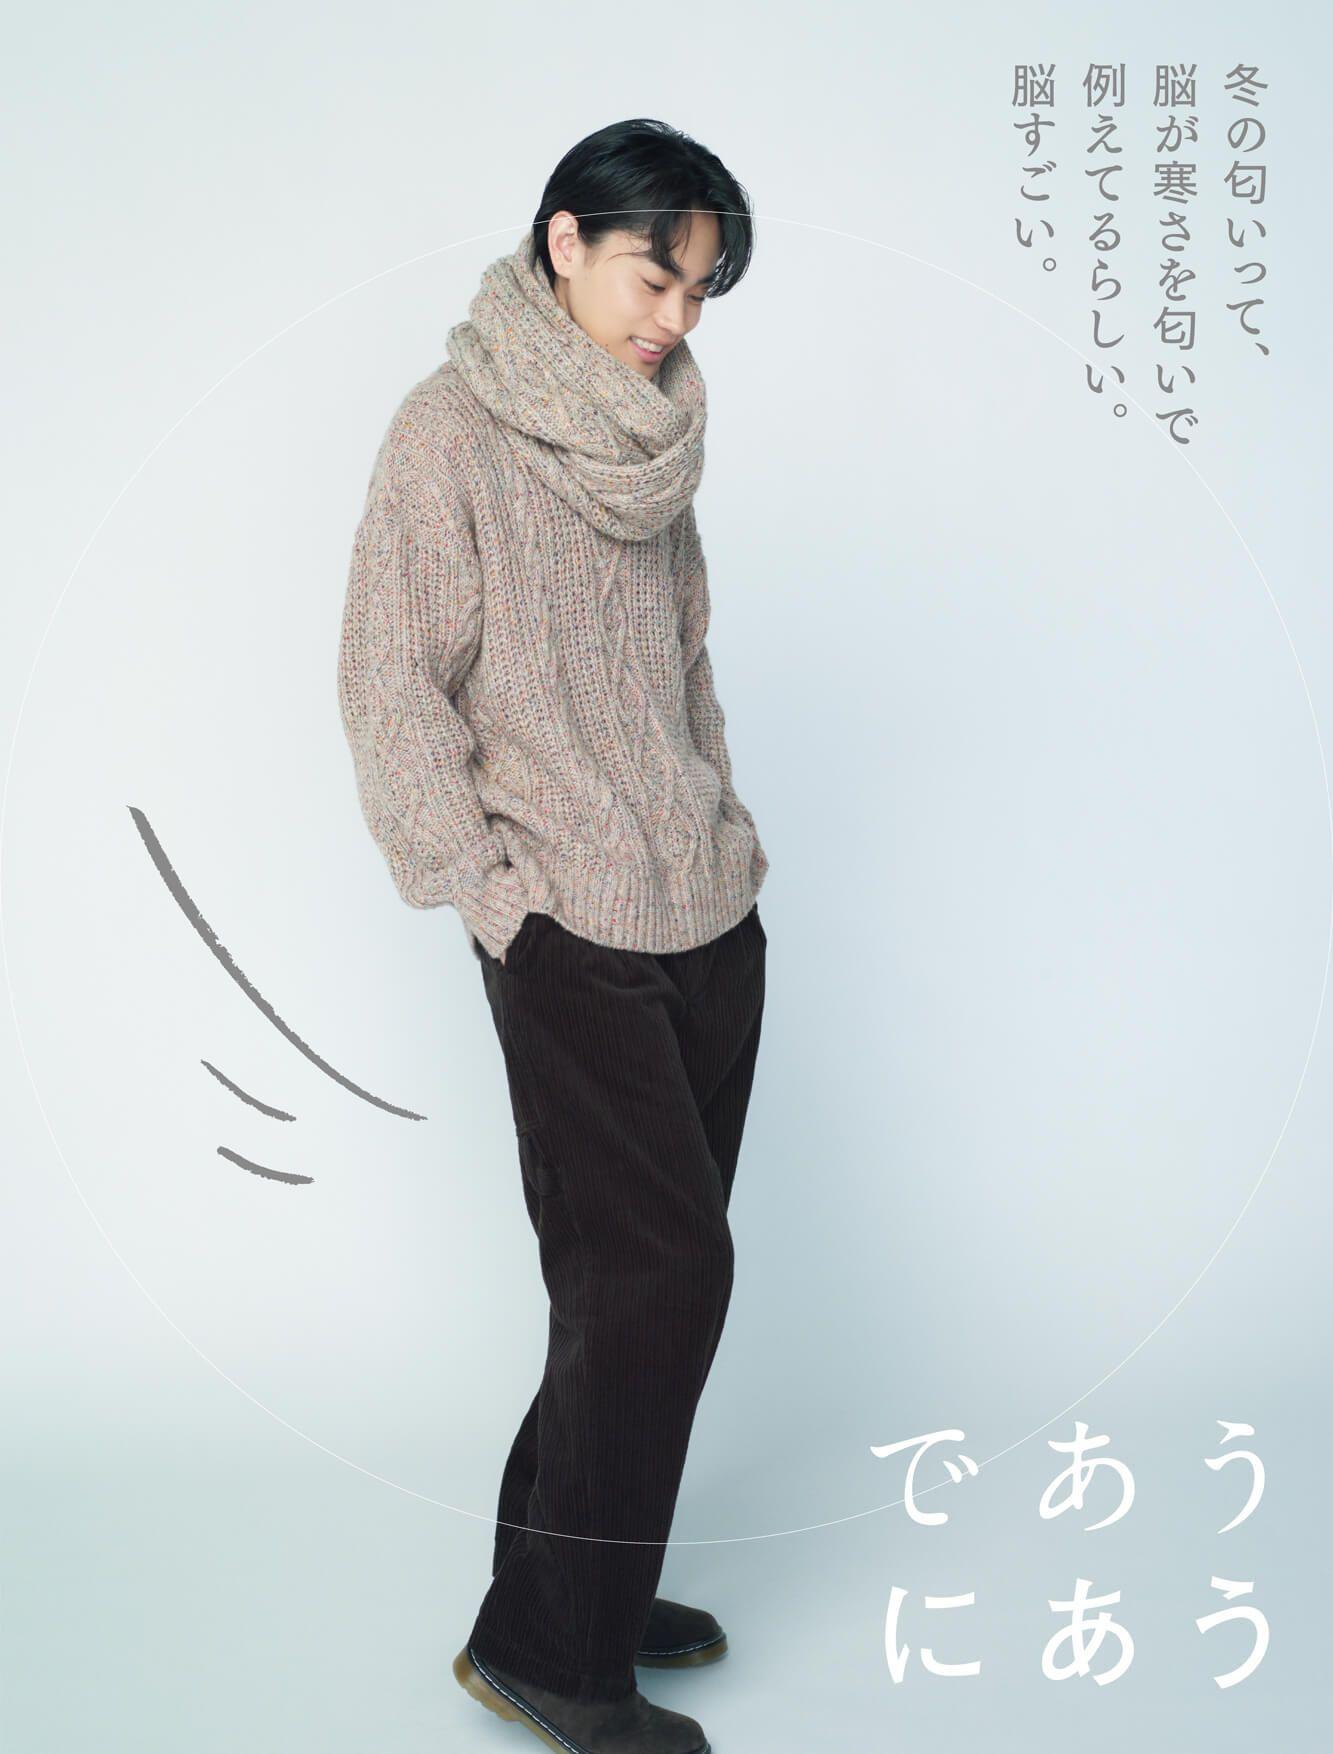 であうにあう MOVIE 「カケル」 主演:菅田将暉 小松菜奈